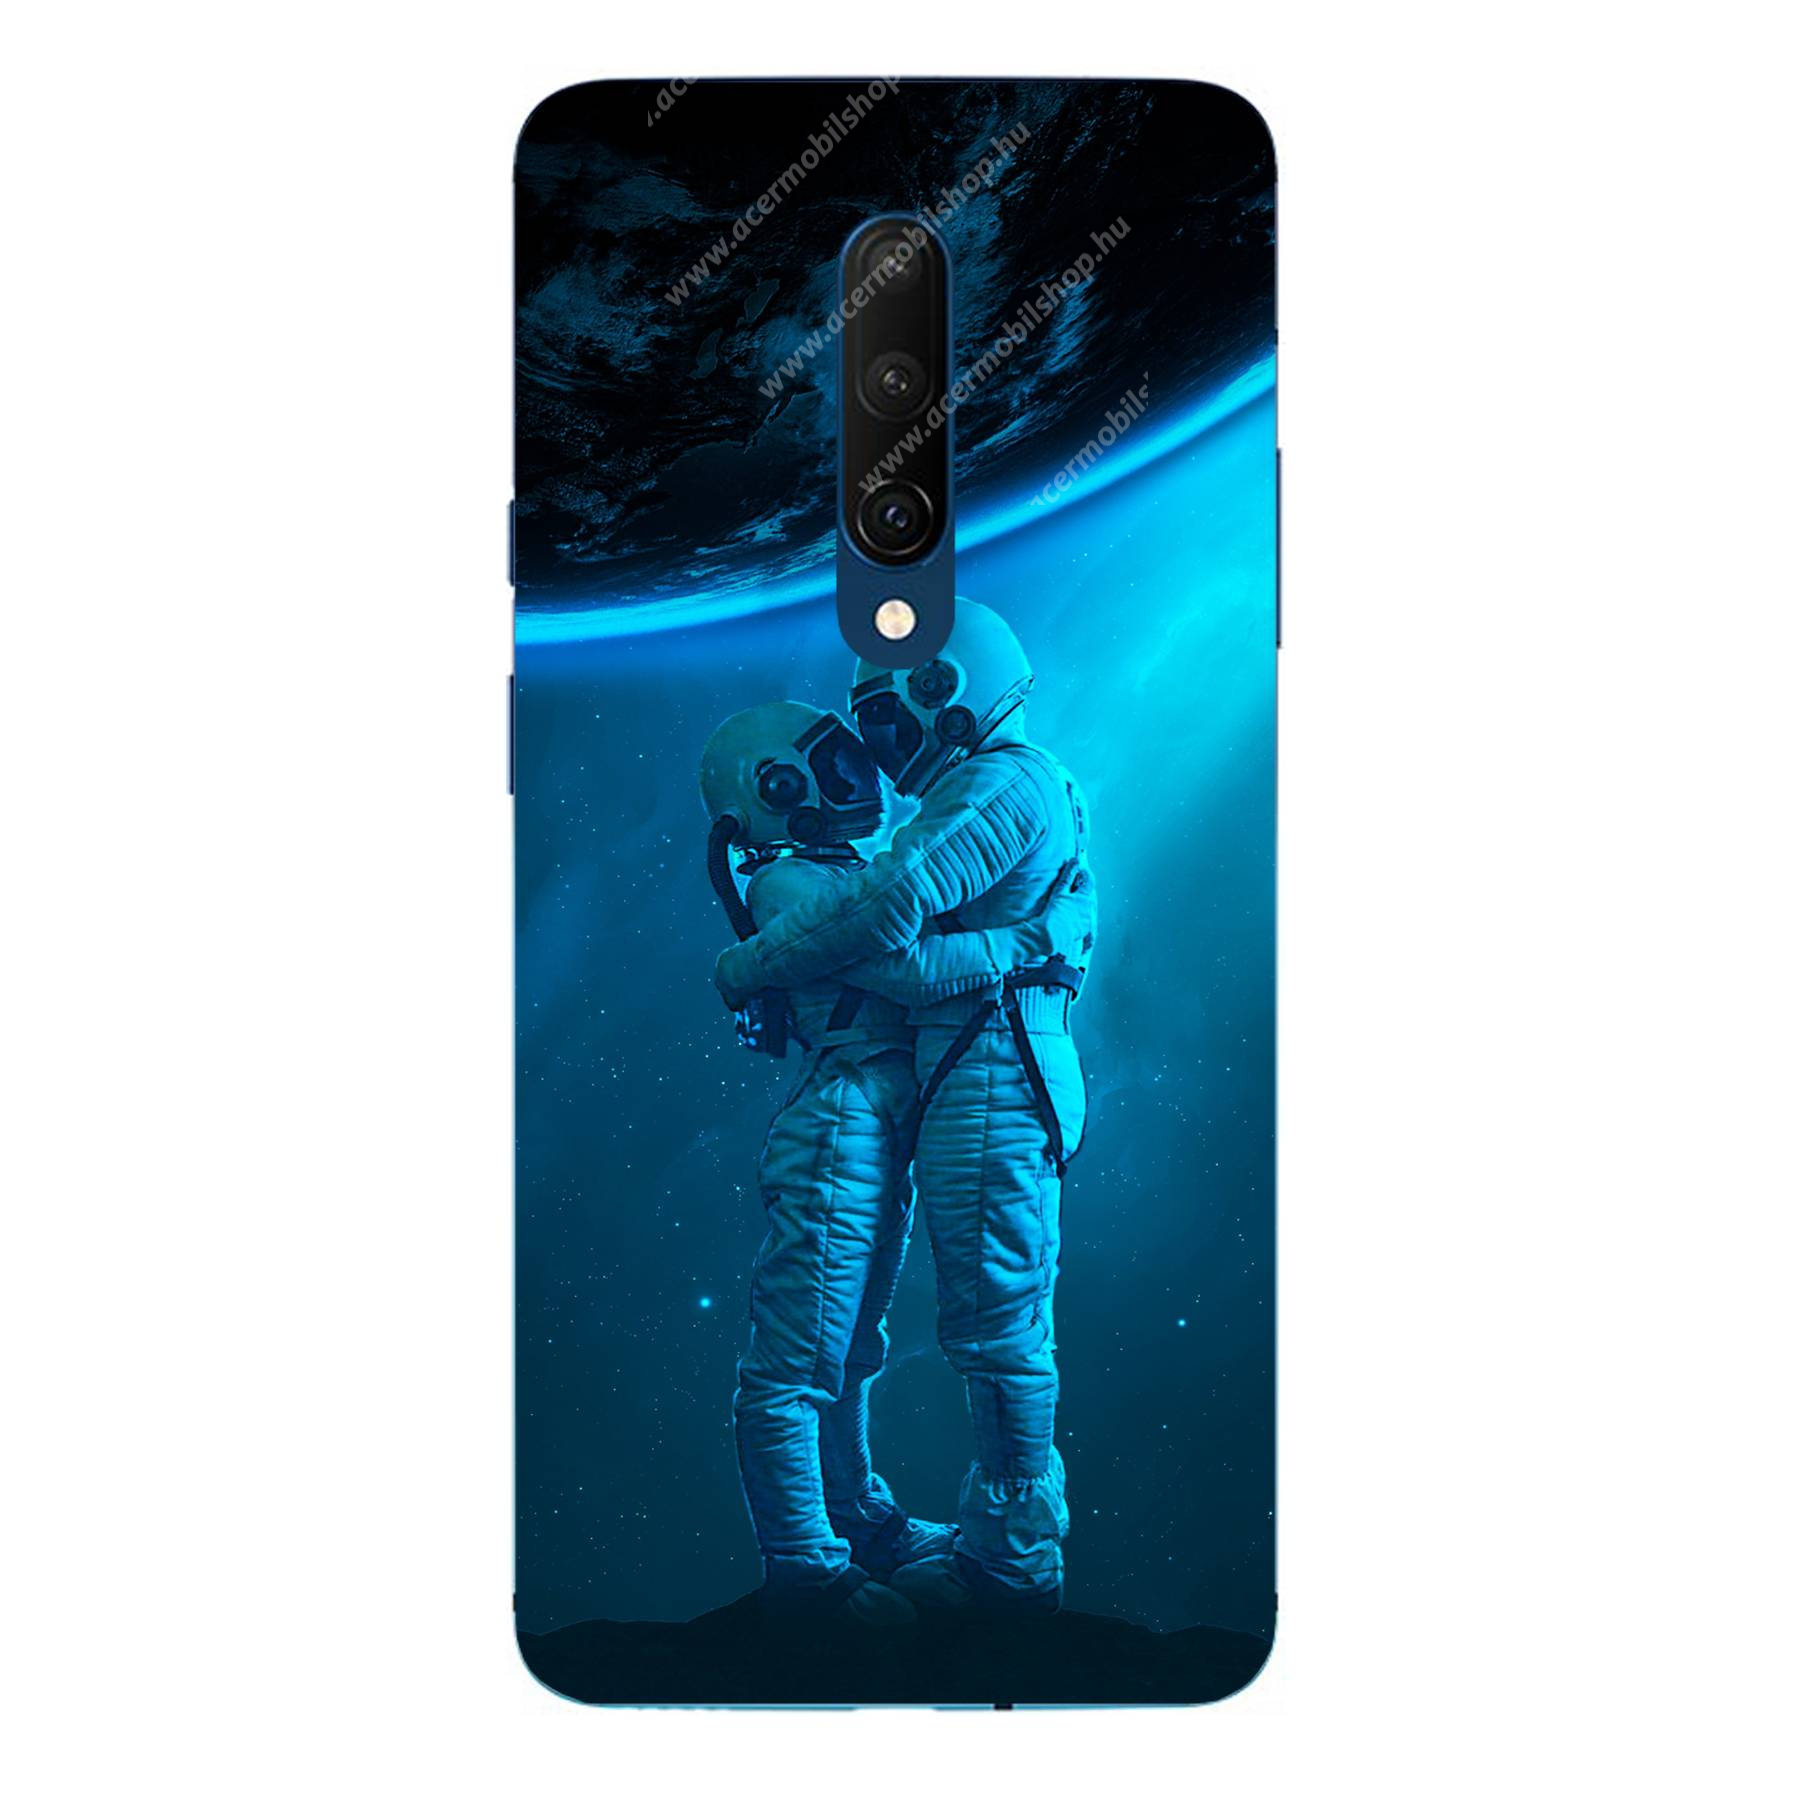 E-pic szilikon védő tok / hátlap - Szerelmes űrhajós pár mintás - ONEPLUS 7T Pro